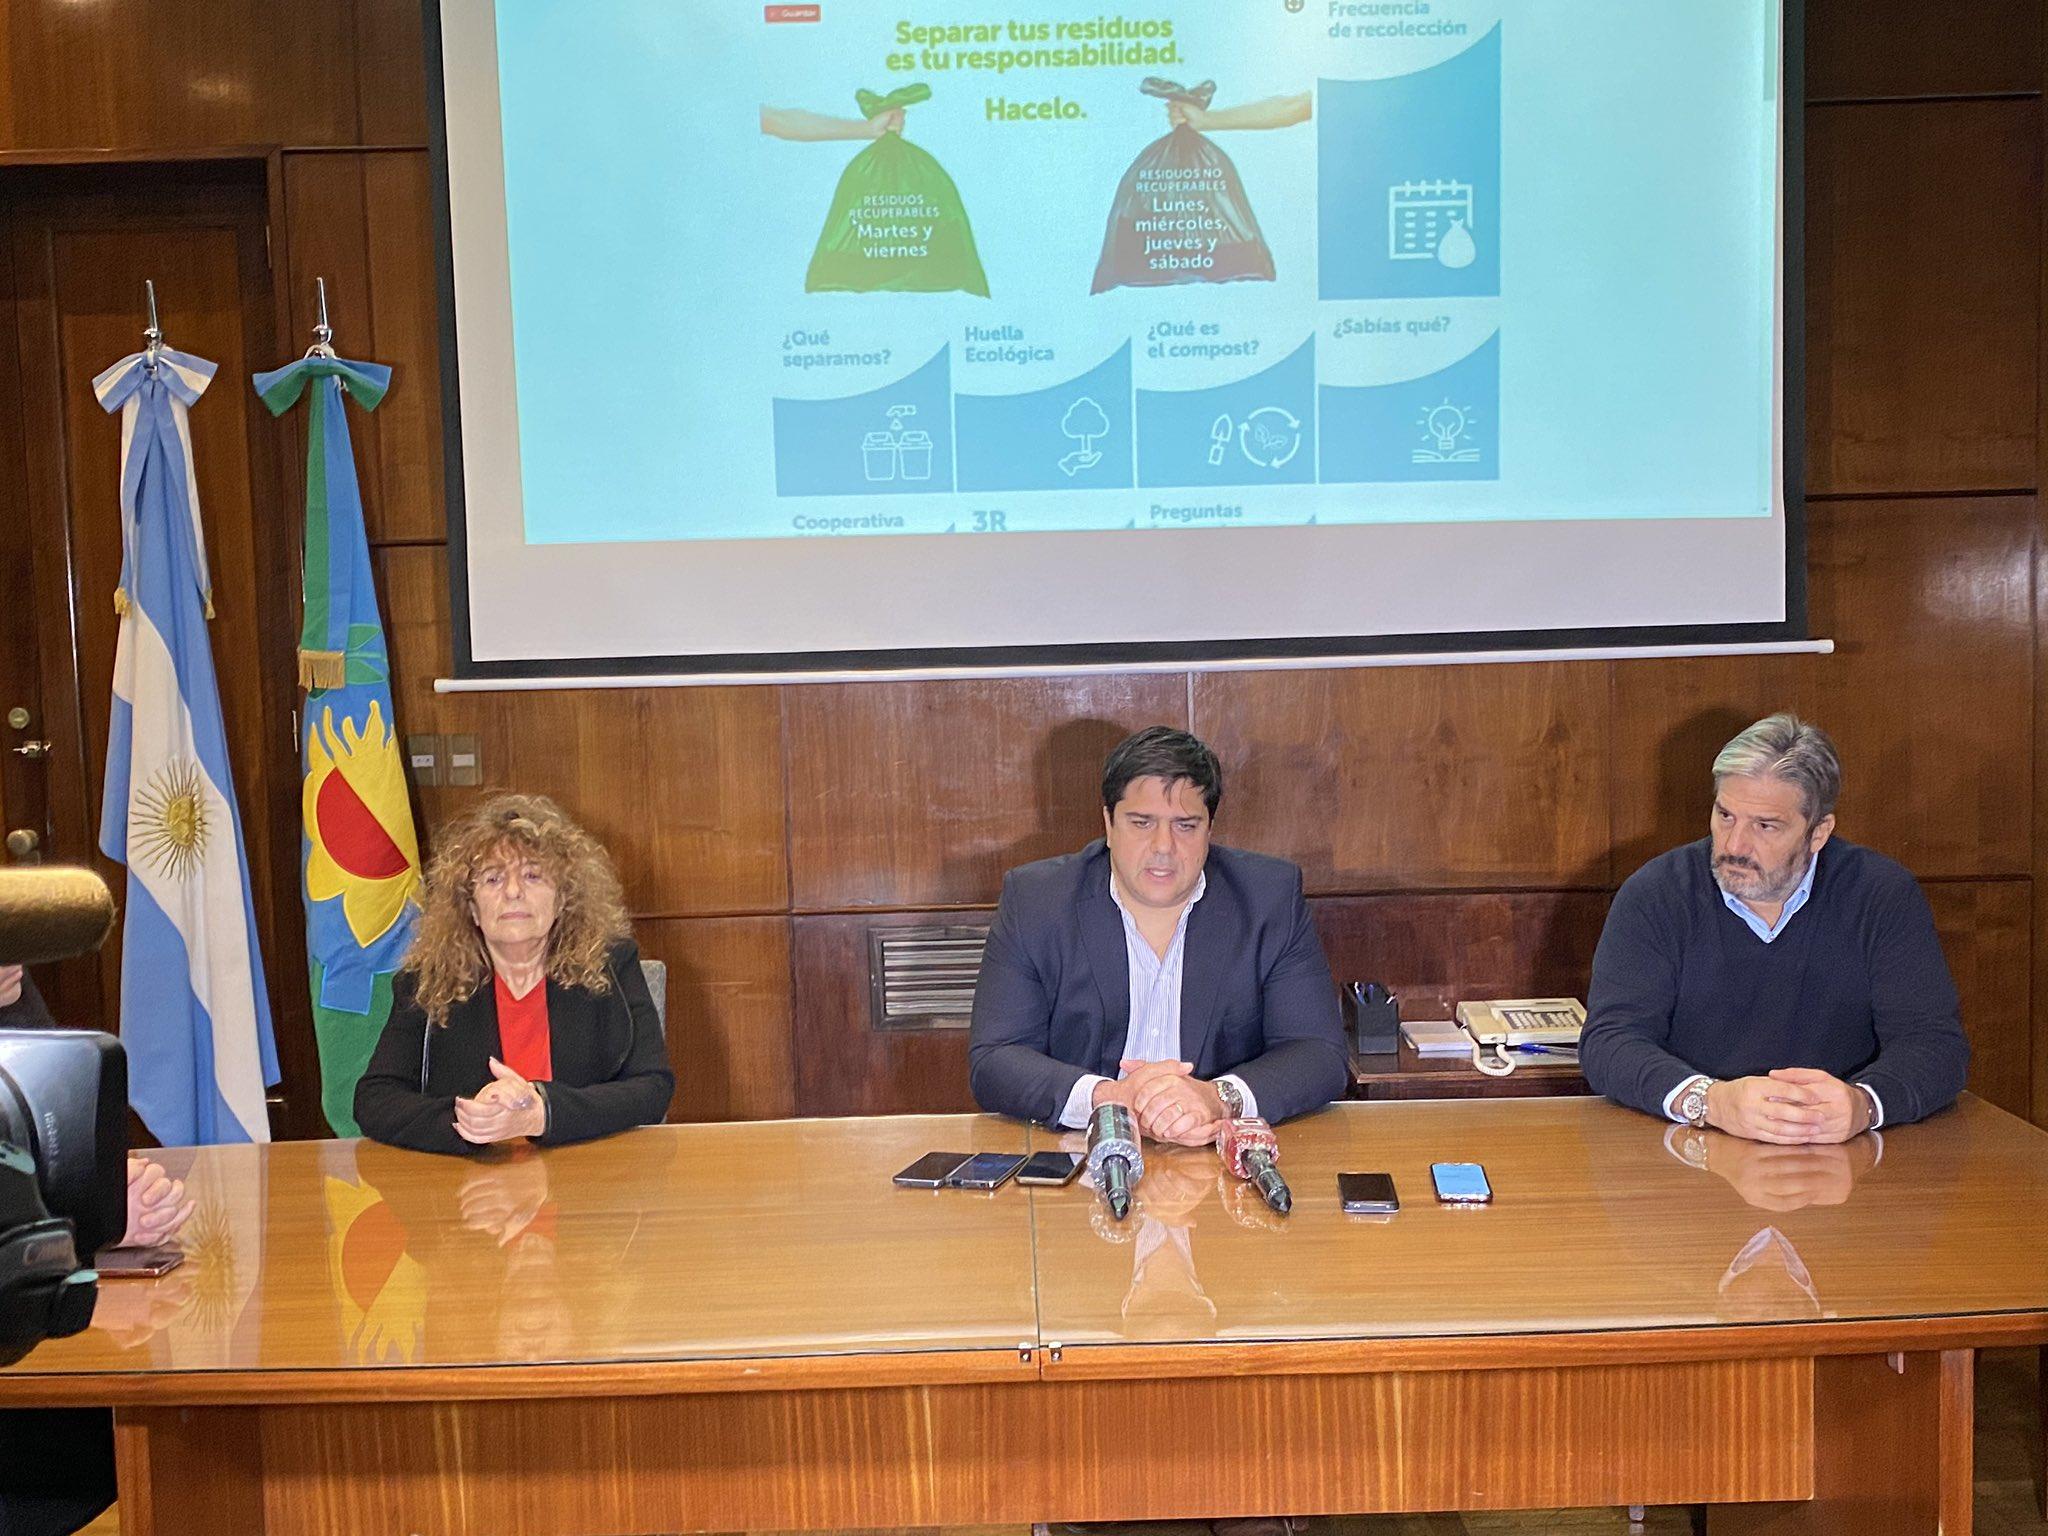 Sebastián D'Andrea (centro), presidente del Emsur, relanzó la campaña de separación de residuos junto a los concejales Angélica González y Guillermo Volponi, de la Comisión de Medio Ambiente